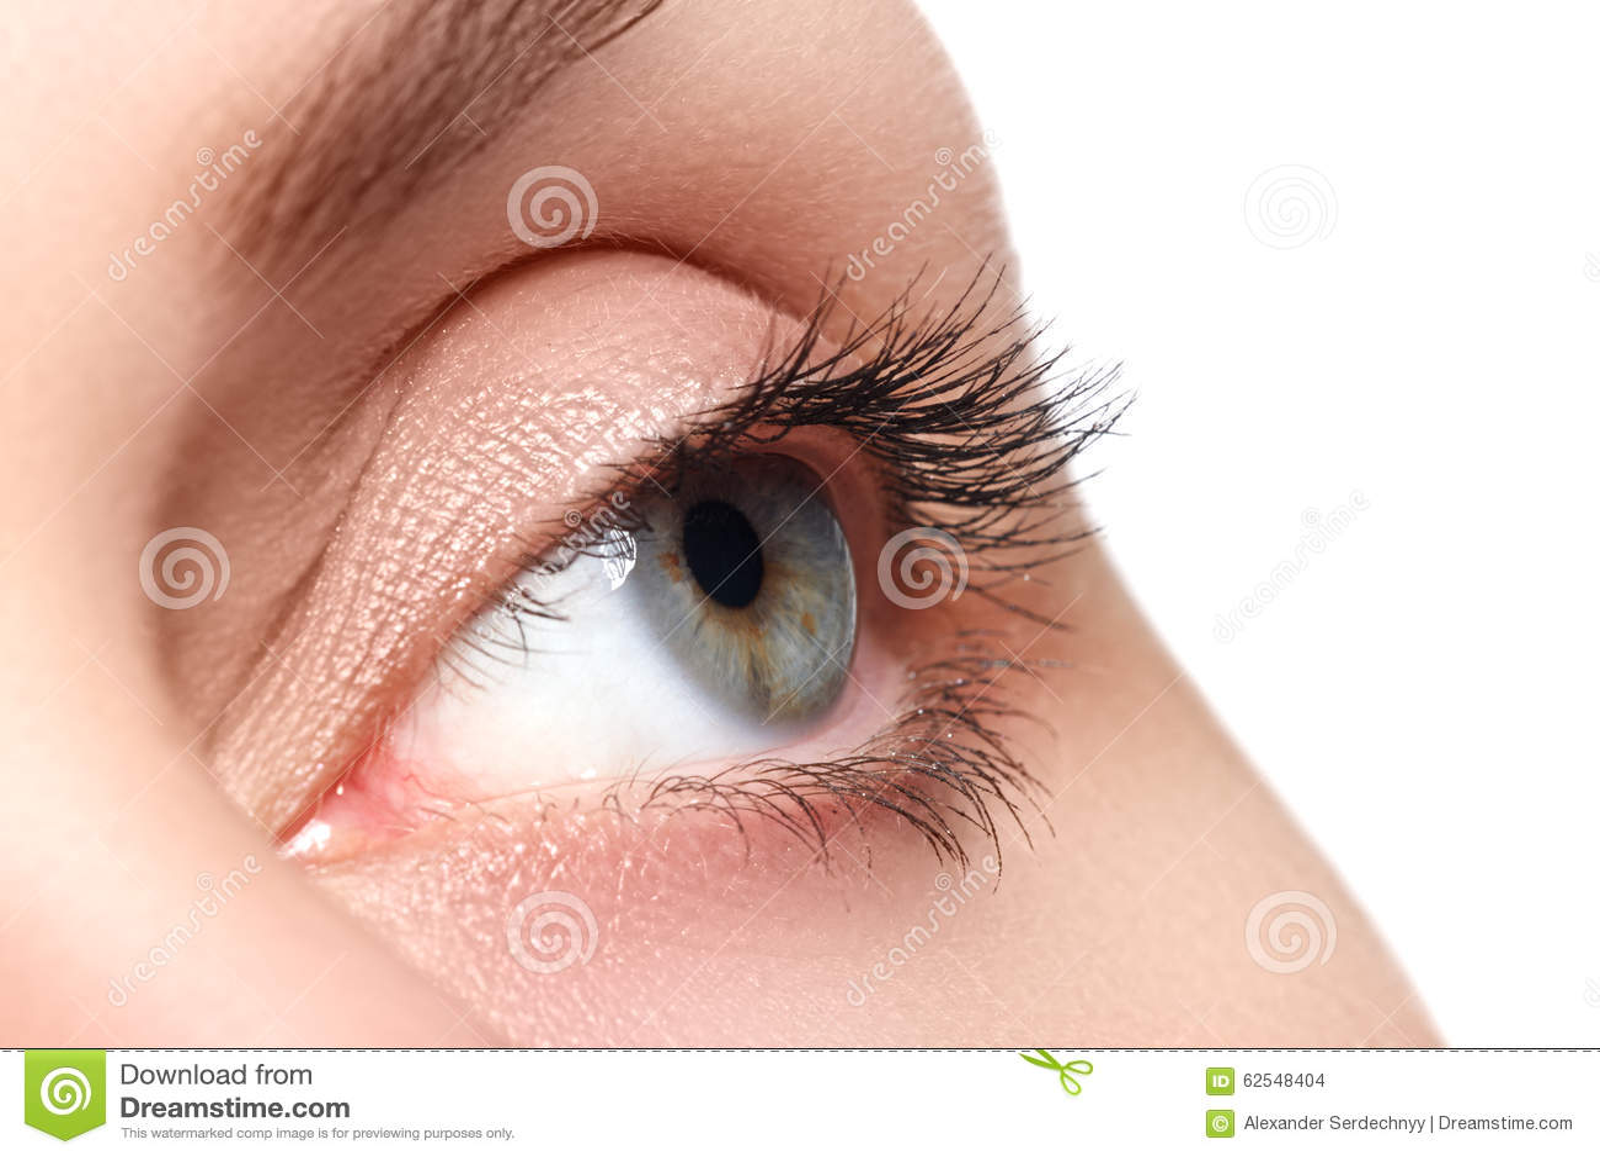 Macro colpo di bello occhio della donna con i cigli estremamente lunghi Vista sexy, sguardo sensuale Occhio femminile con i cigli